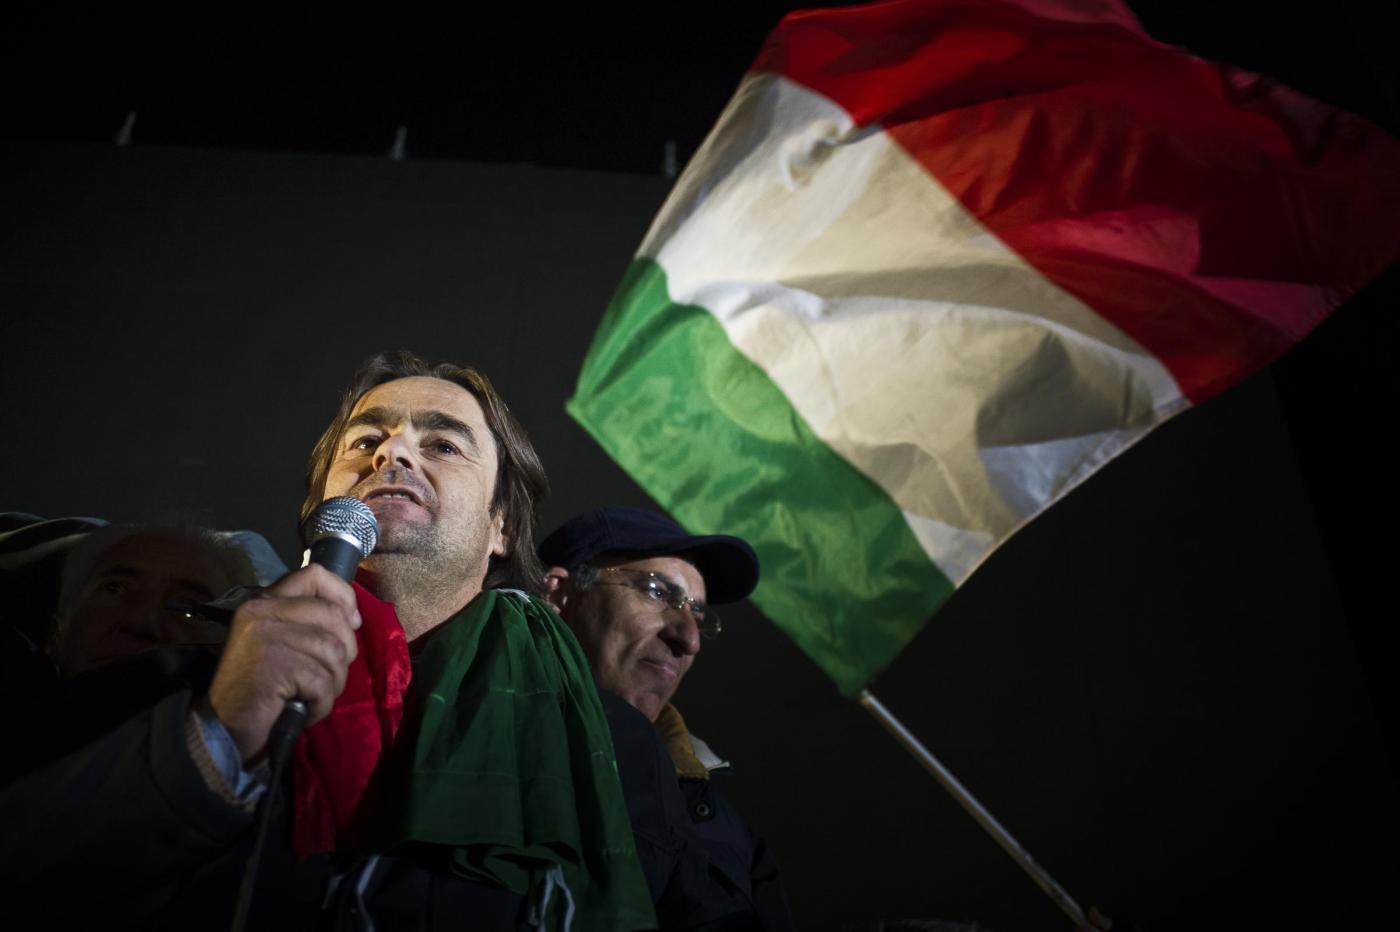 Movimento dei Forconi, Danilo Calvani a Palermo: pronti a nuove proteste